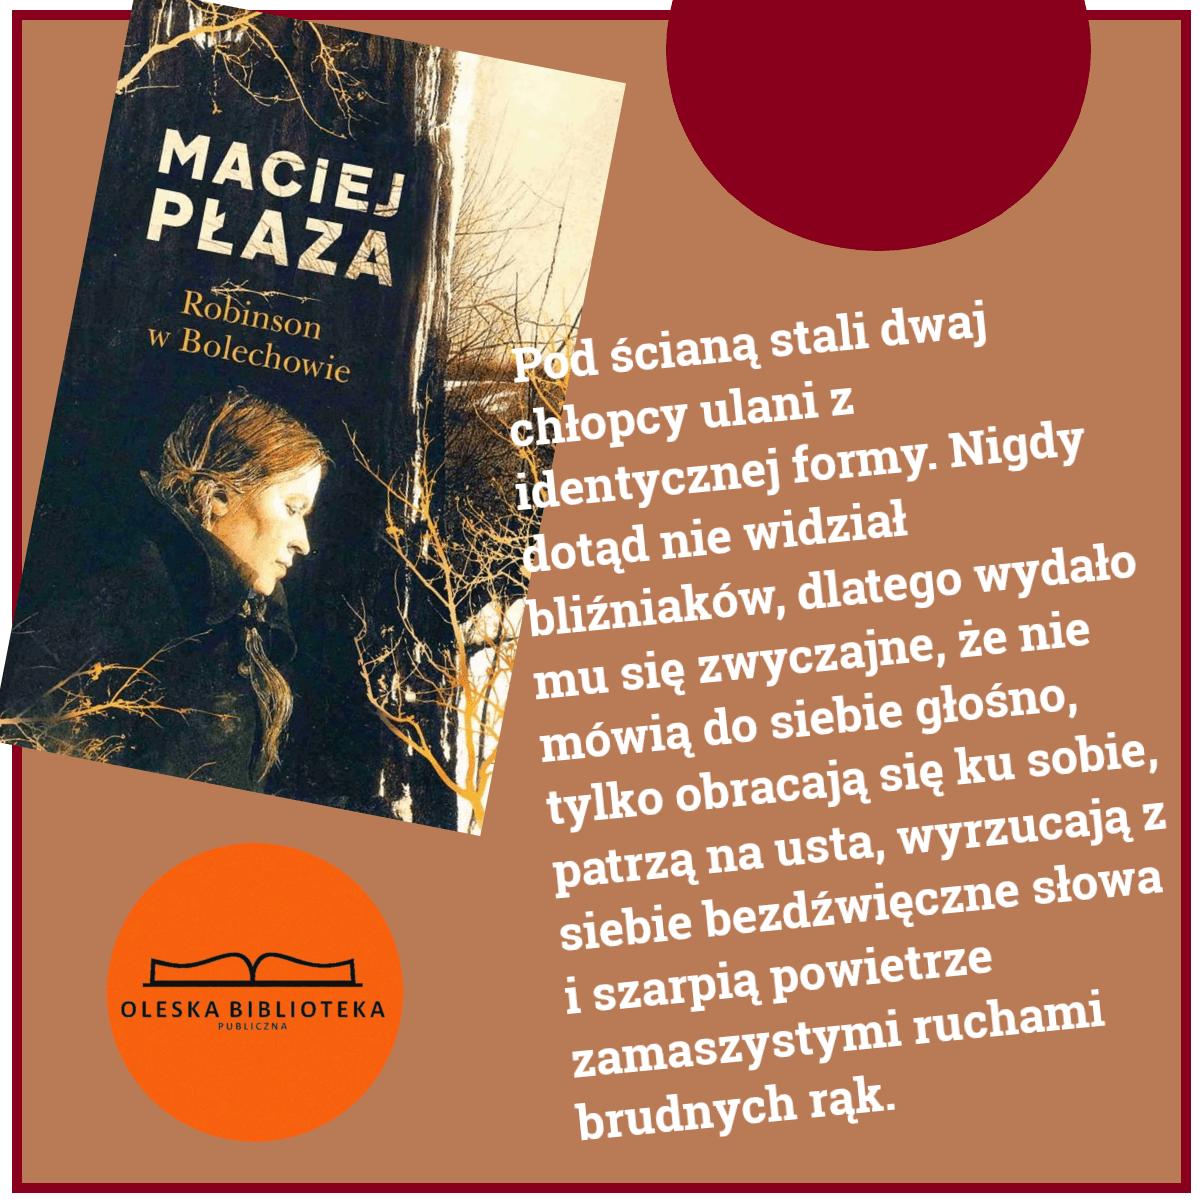 Maciej Płaza - Robinson w Bolechowie - cytat